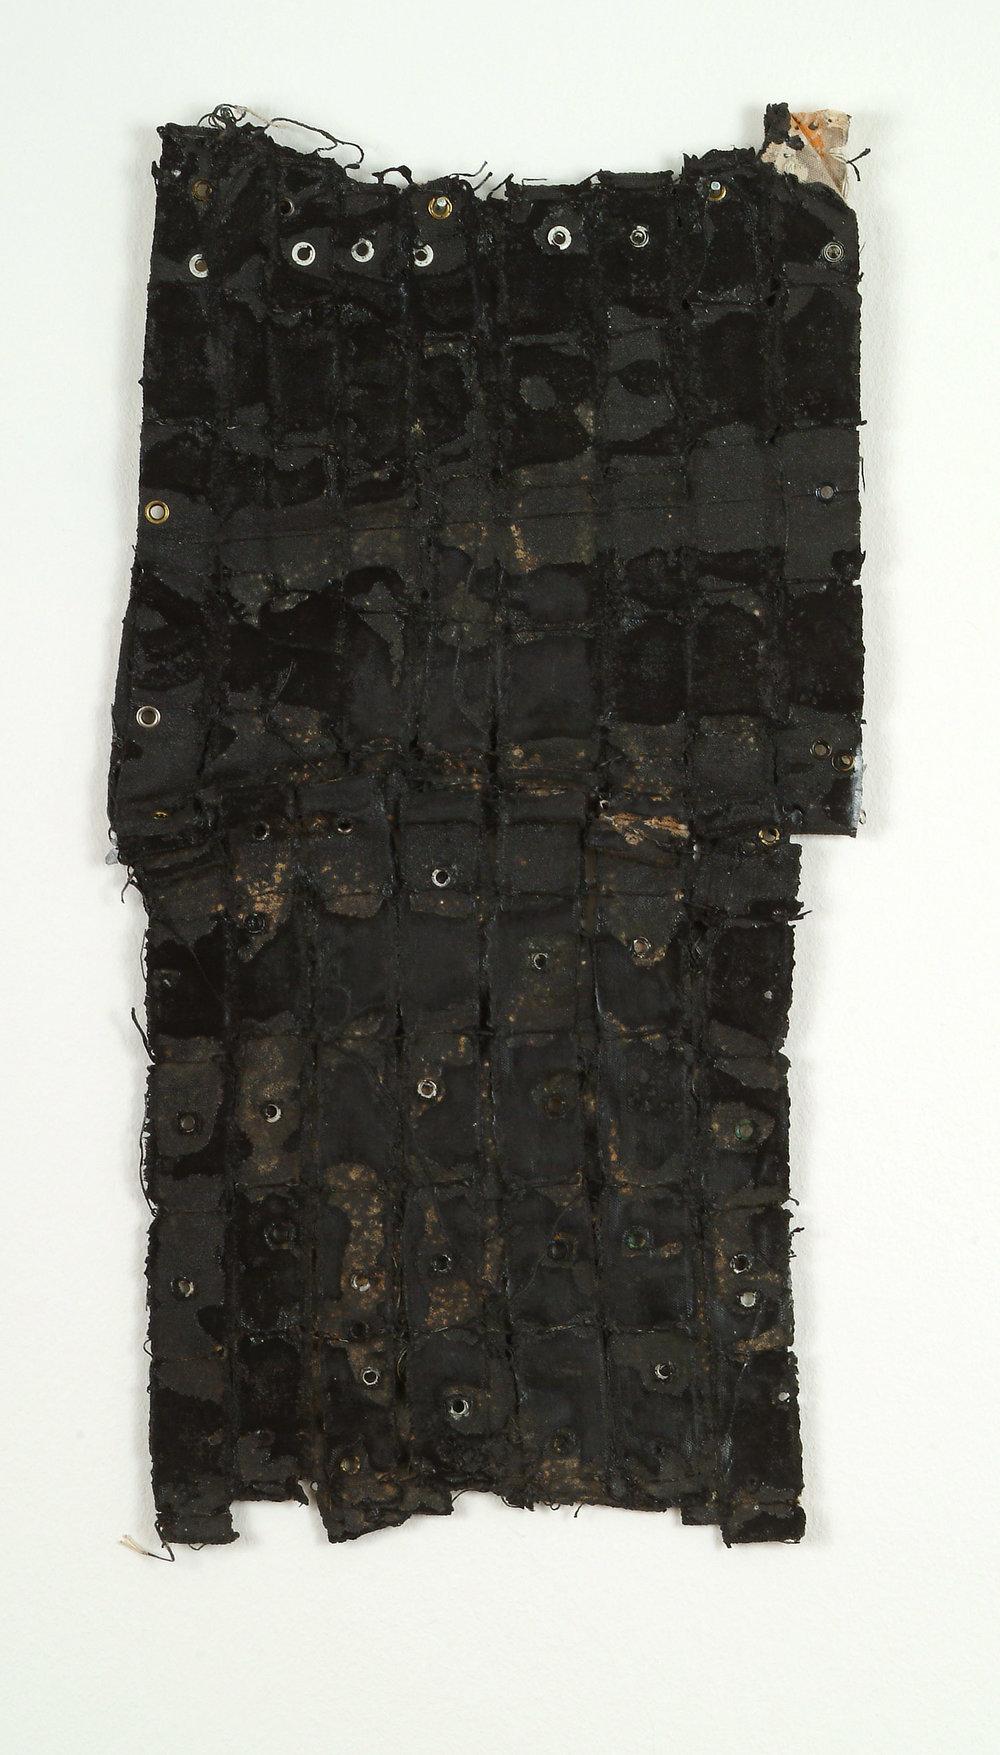 Untitled |1971 | Objekt: Acryl, Kleber, Gummi und Metallnieten auf Leinwand | 49 x 26 cm